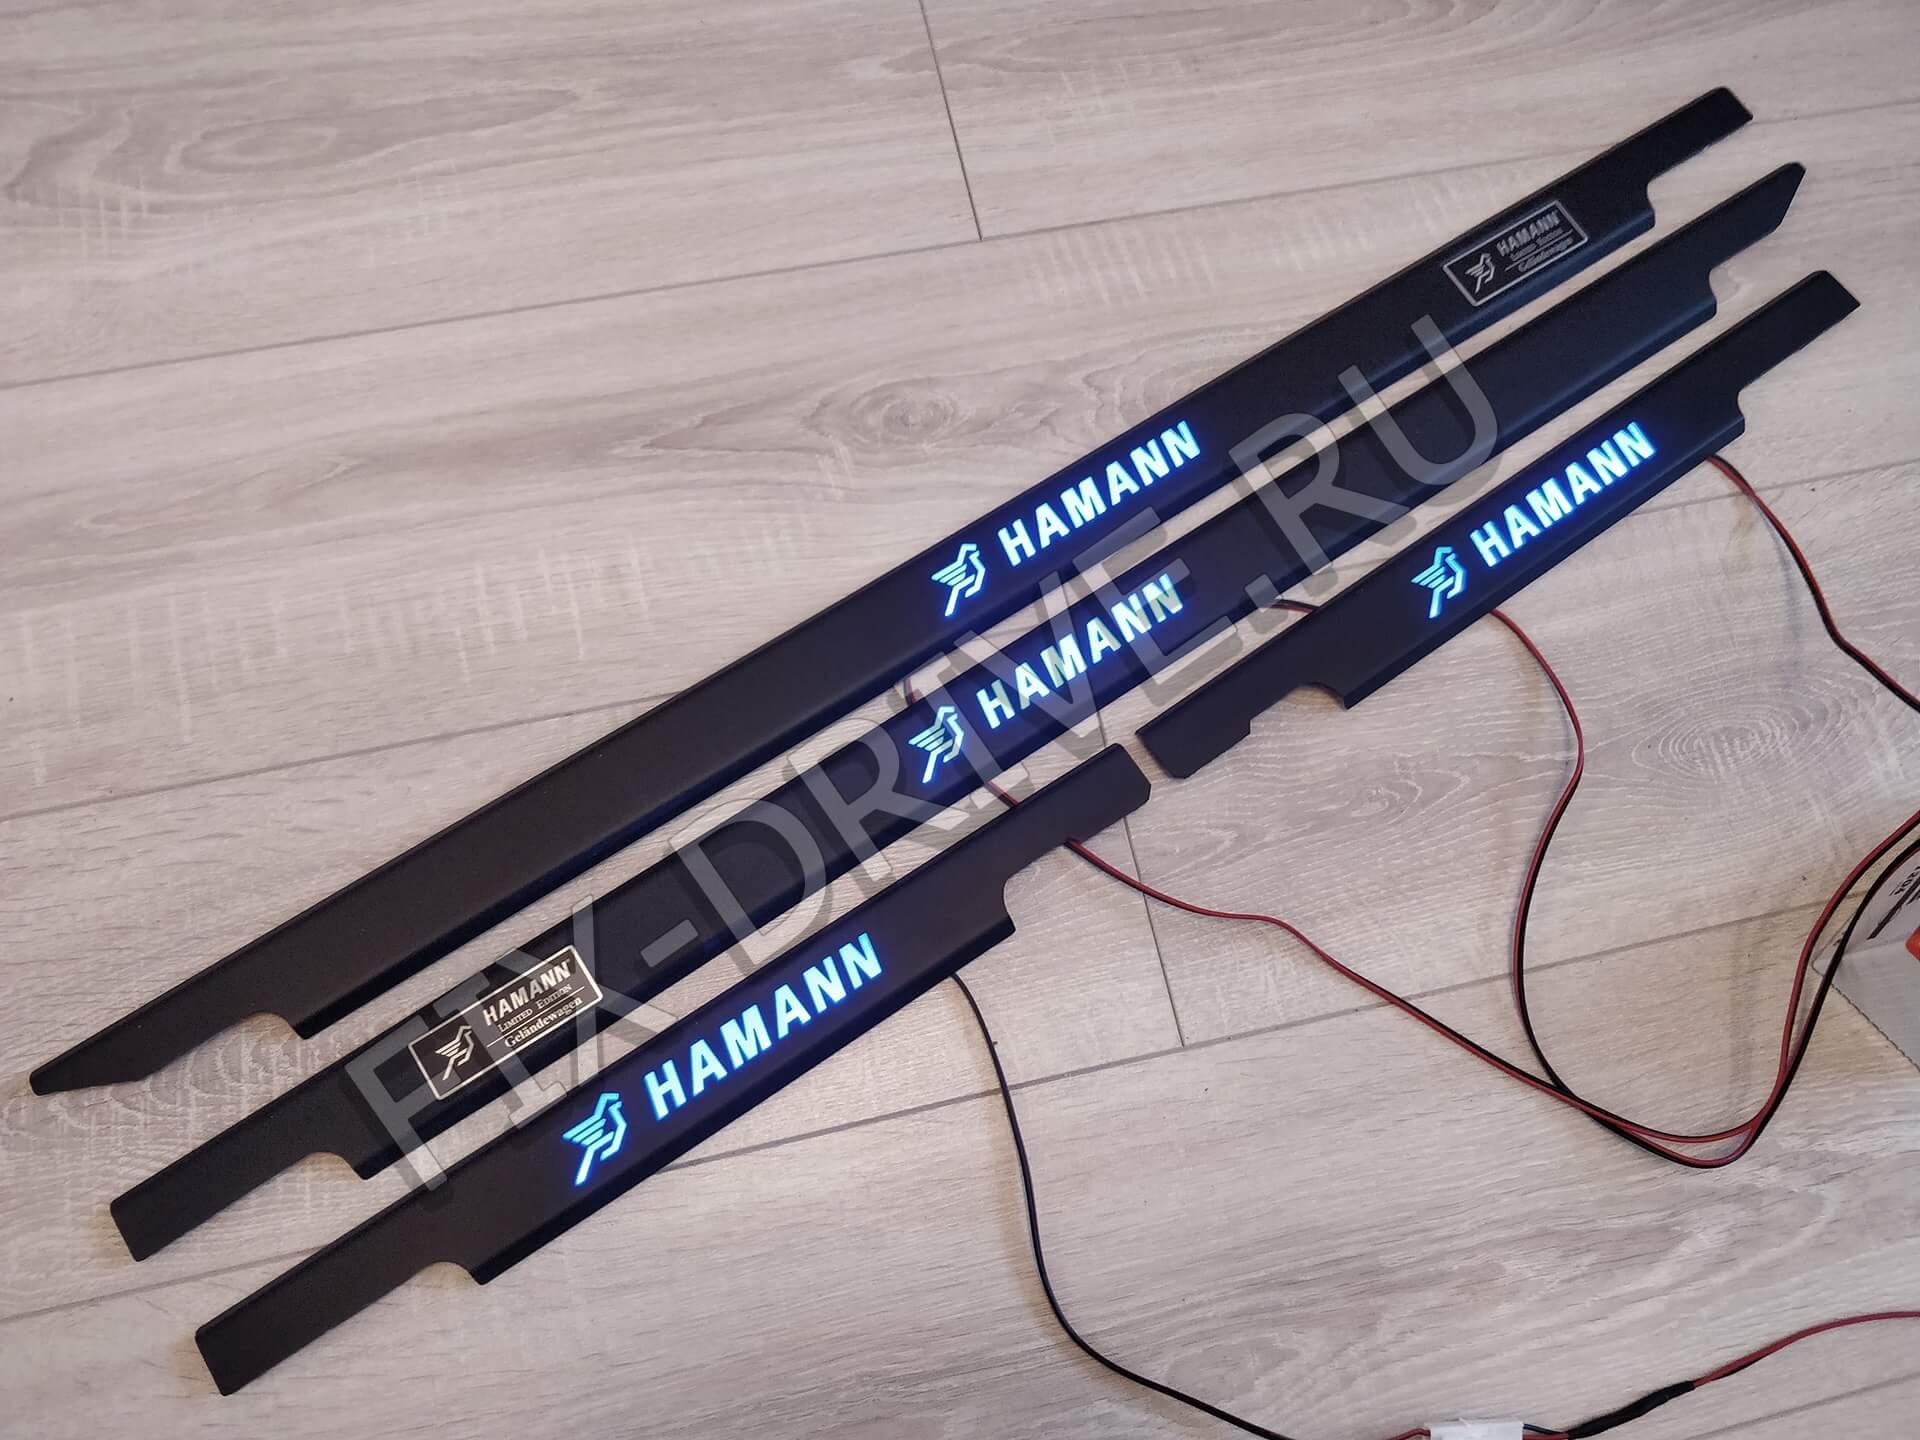 Накладки пороги HAMANN w 463 с подсветкой G-Class